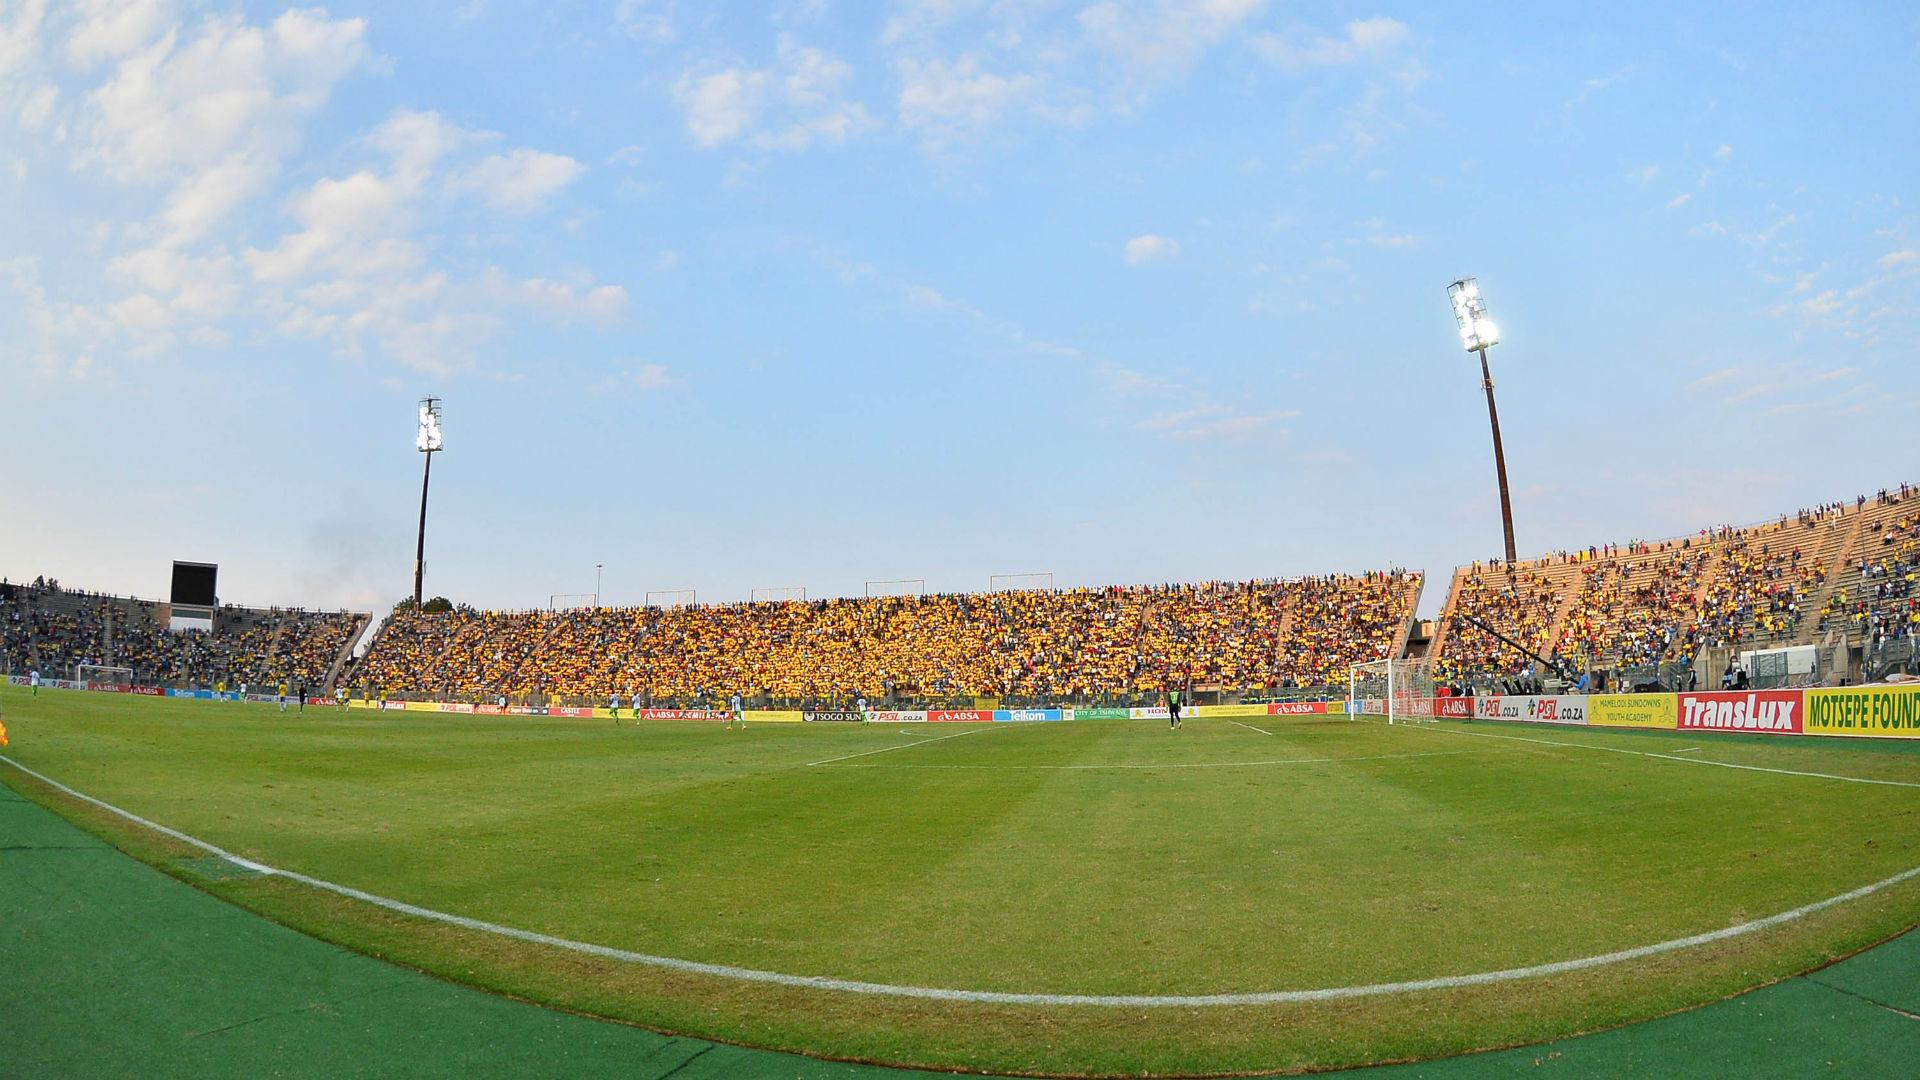 Lucas Moripe Stadium